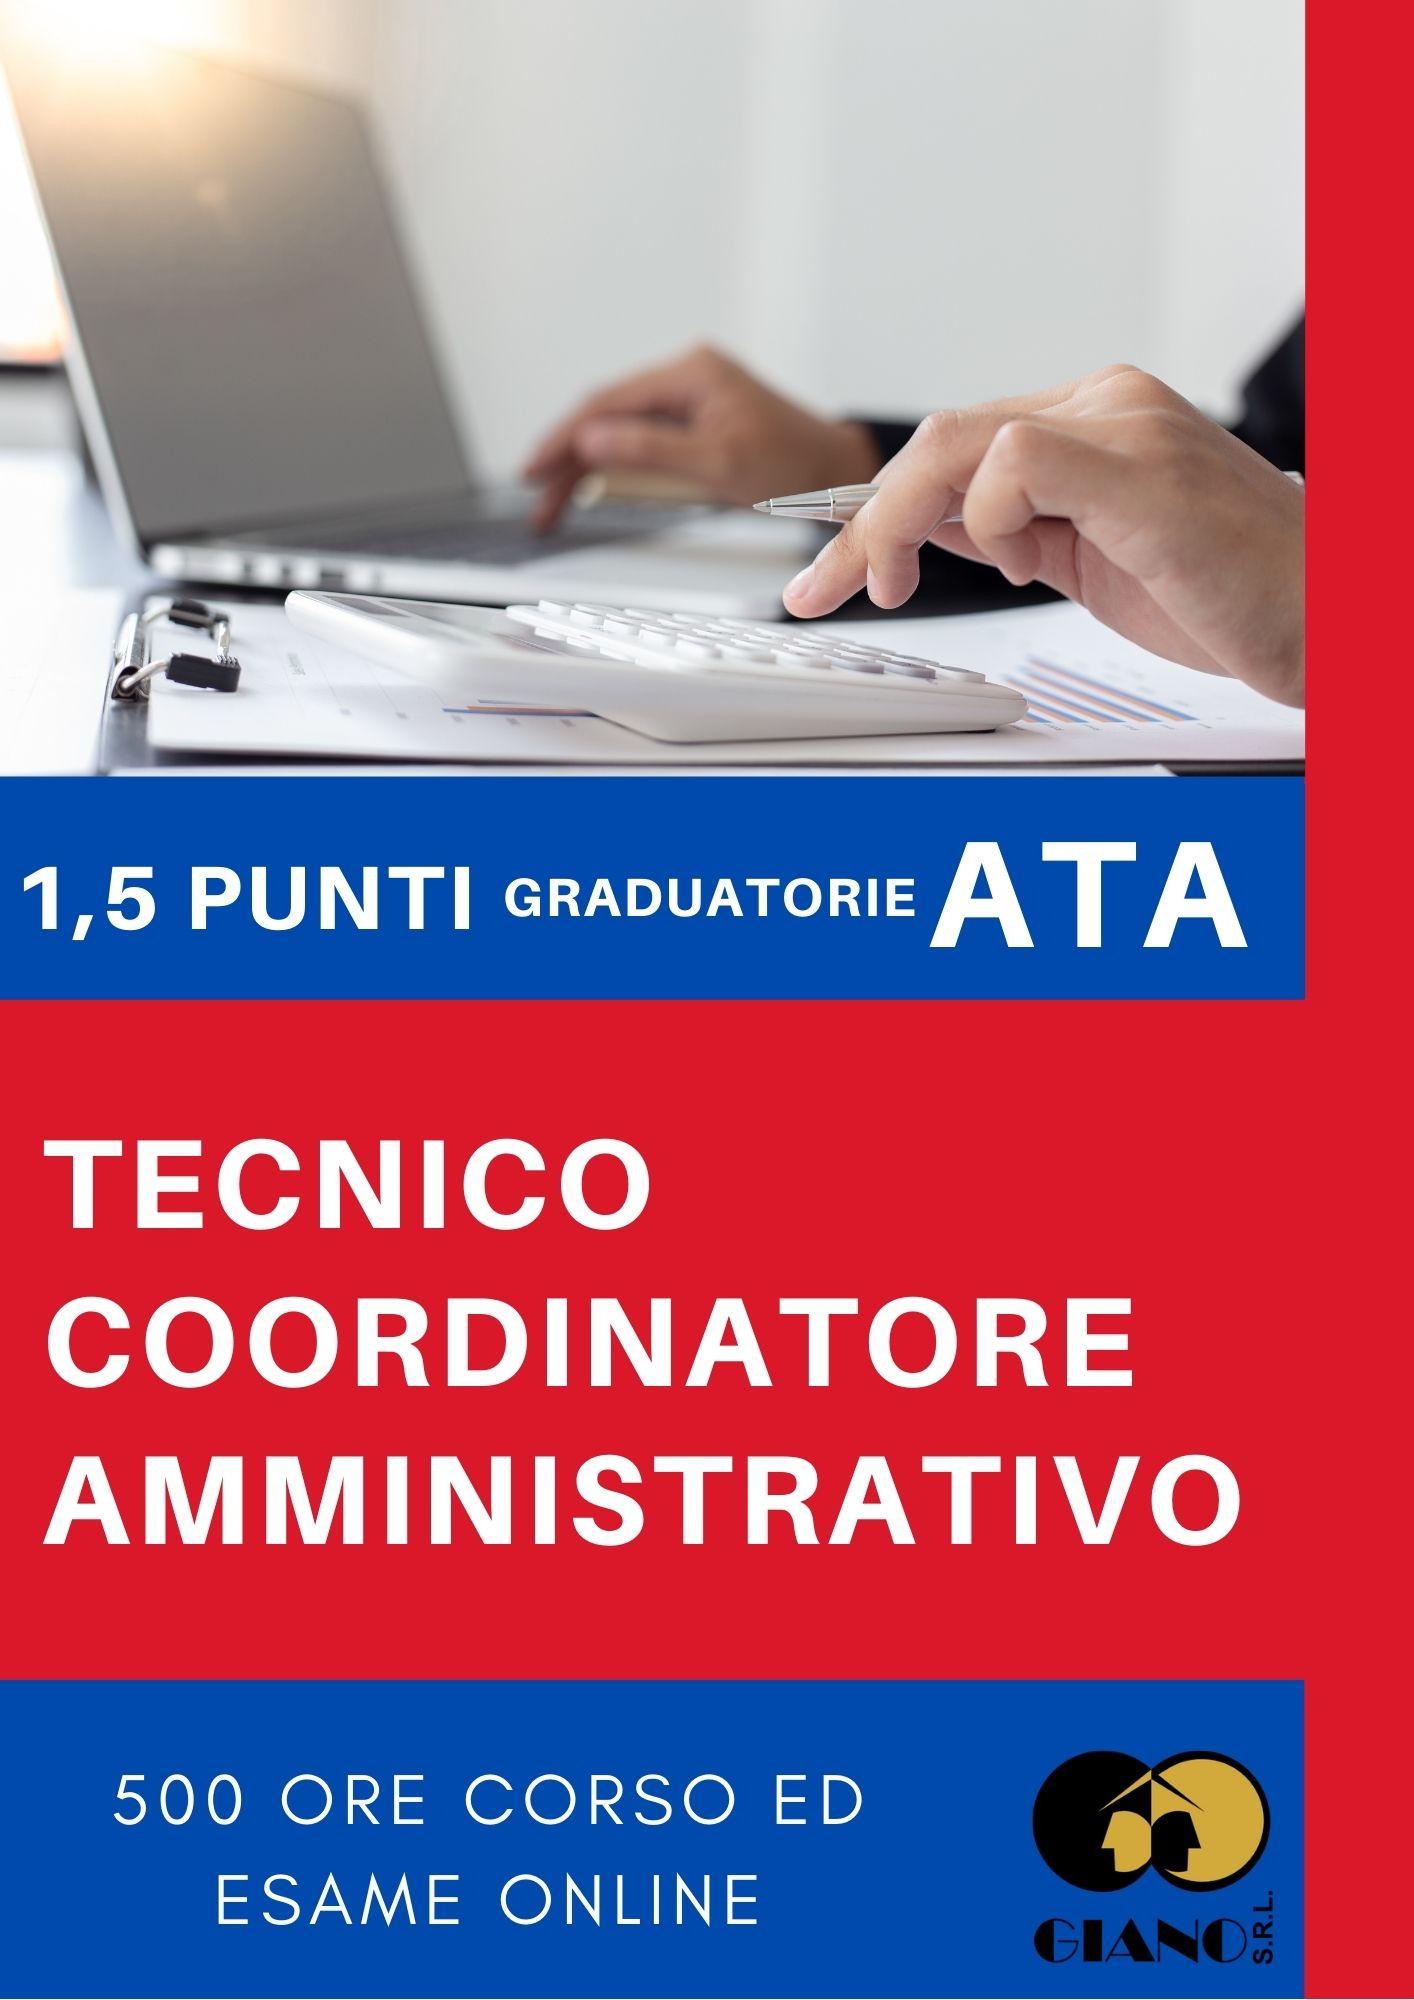 Corso di Tecnico Coordinatore Amministrativo online